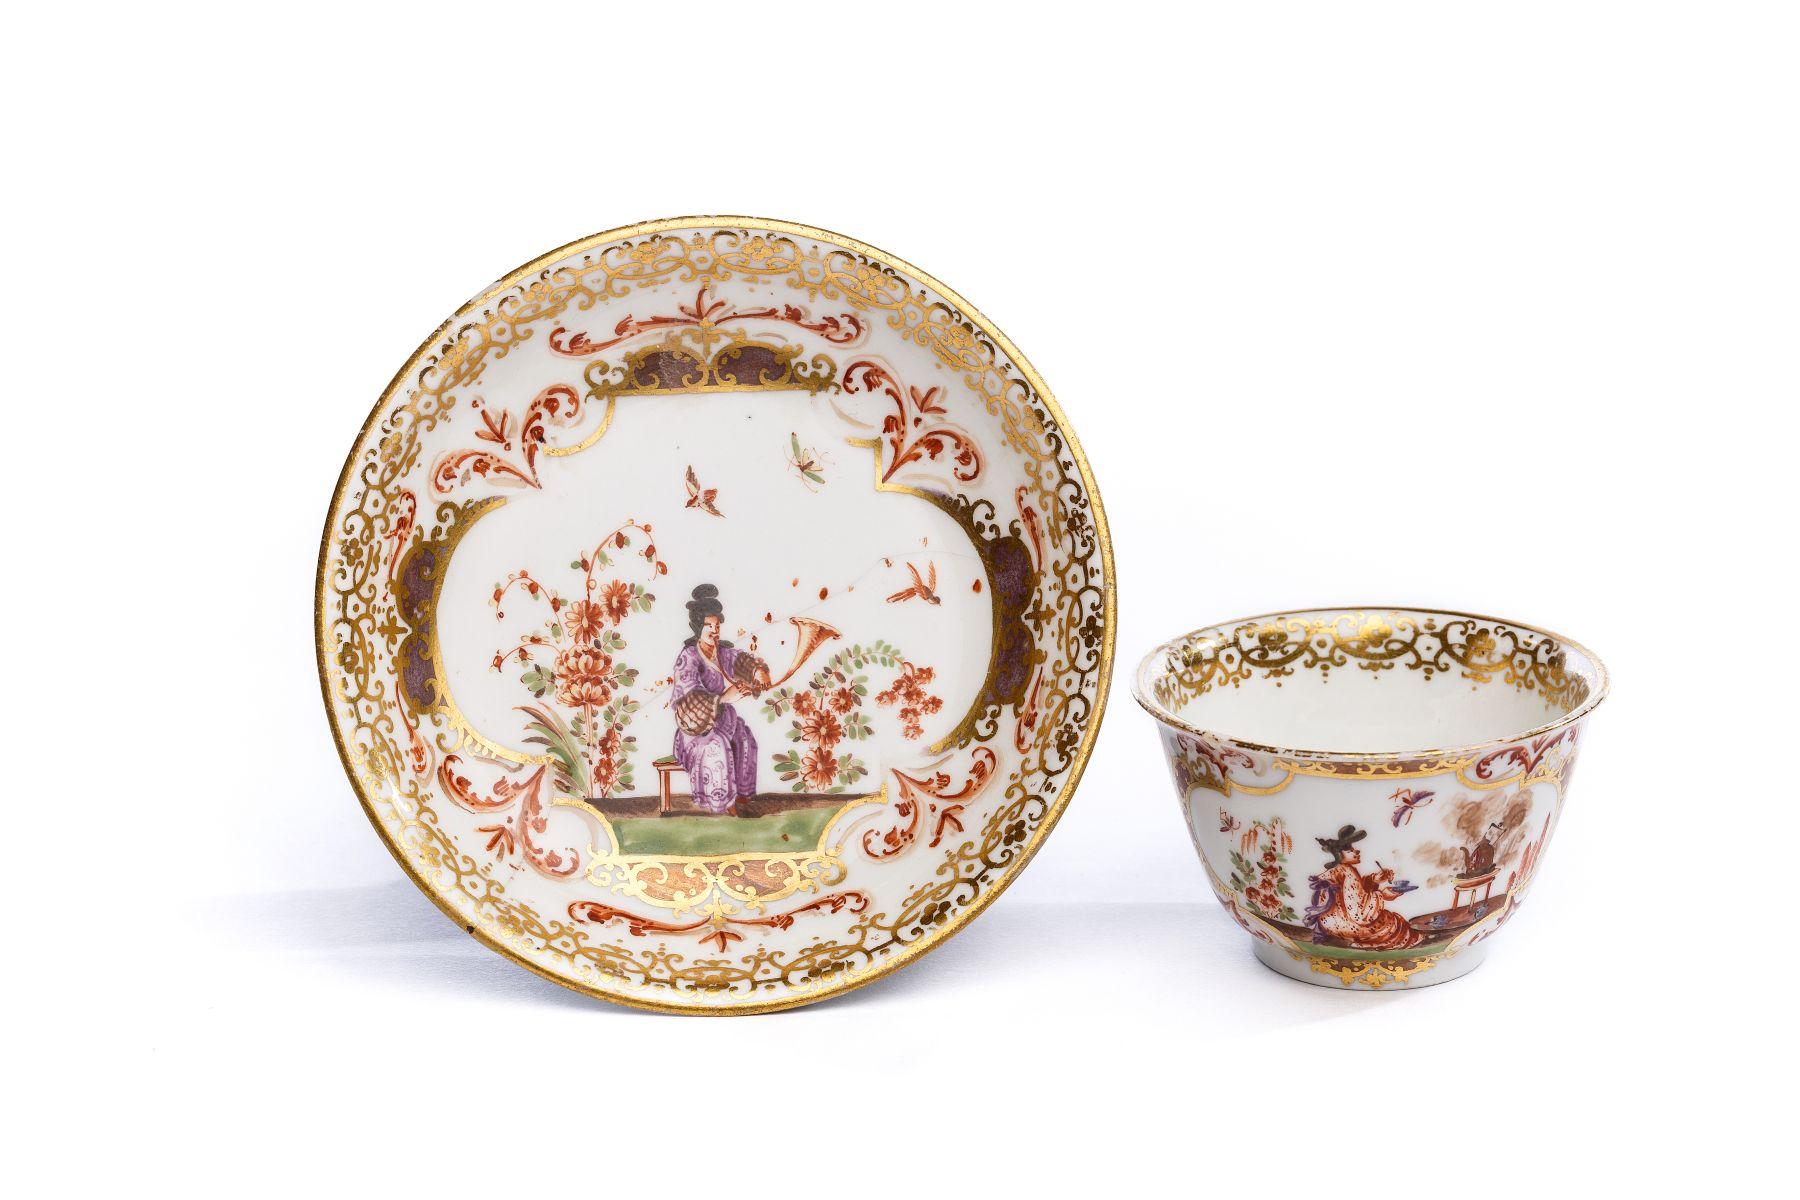 #35 Bowl with saucer, Meissen 1725 | Koppchen mit Unterschale, Meissen 1725 Image